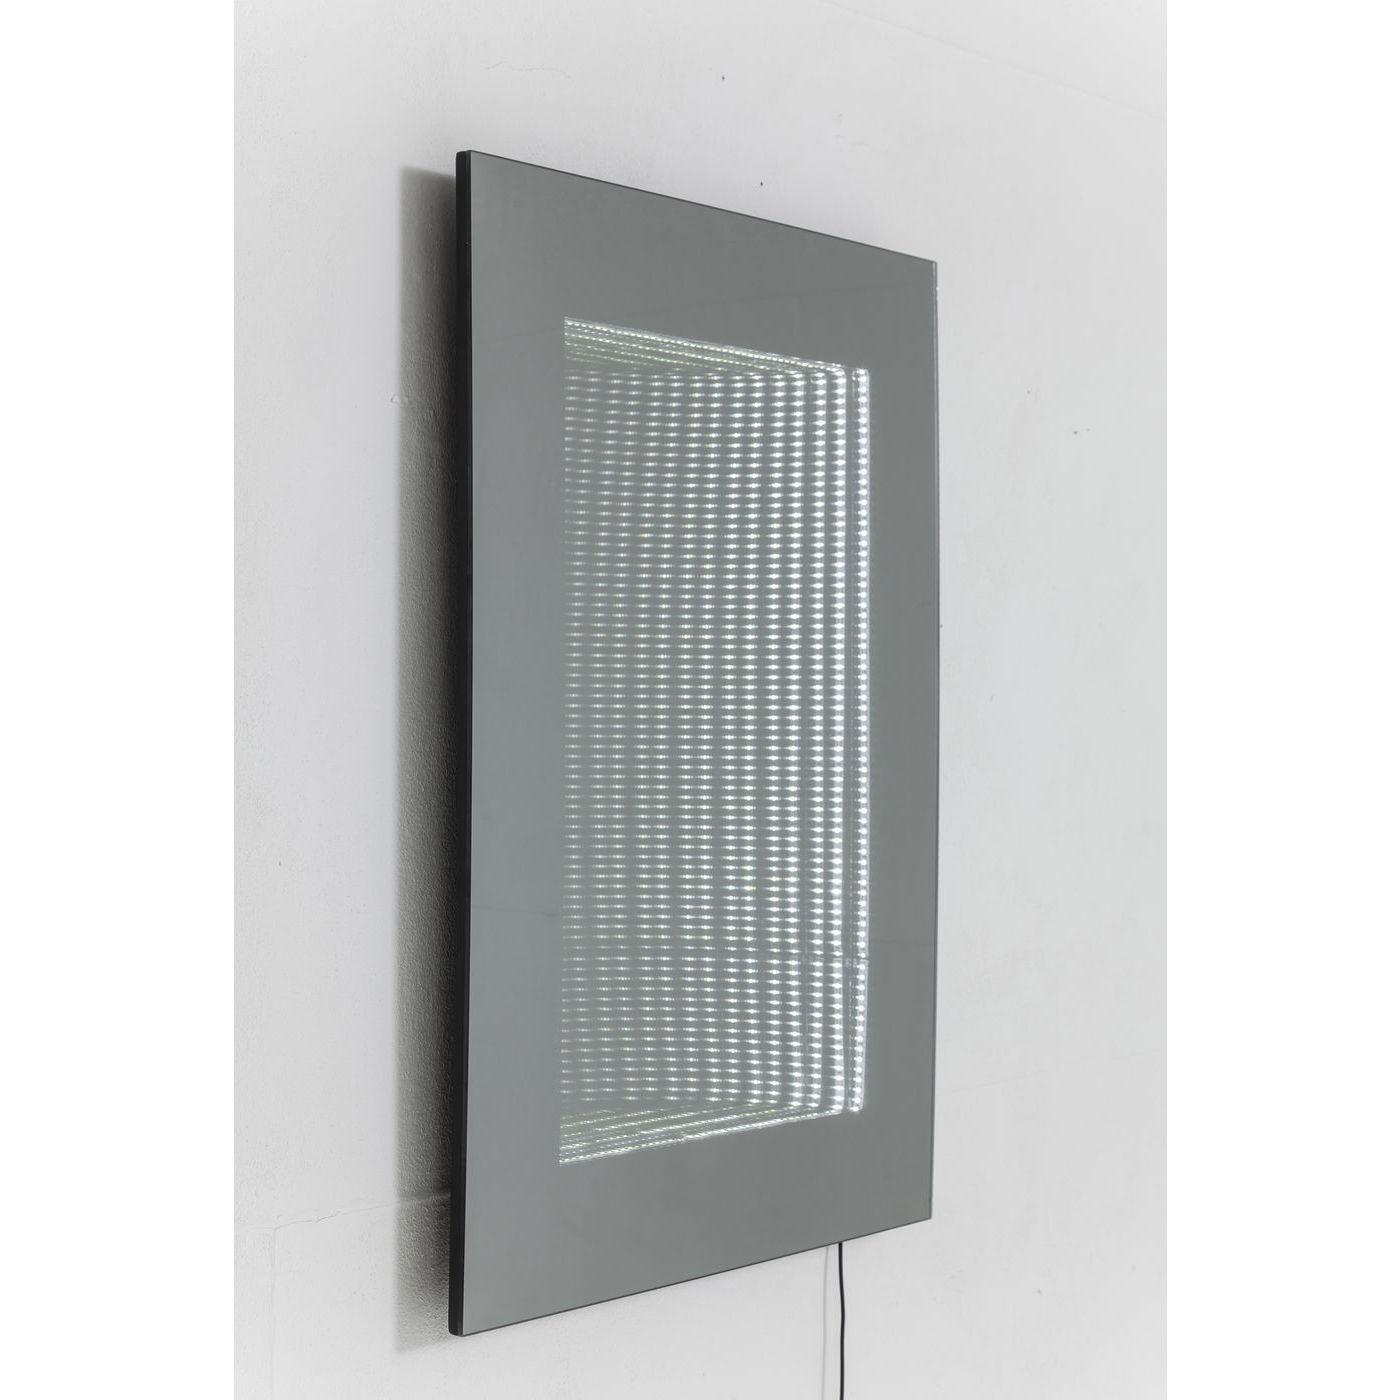 Miroir Tube 80x60 cm LED Kare Design